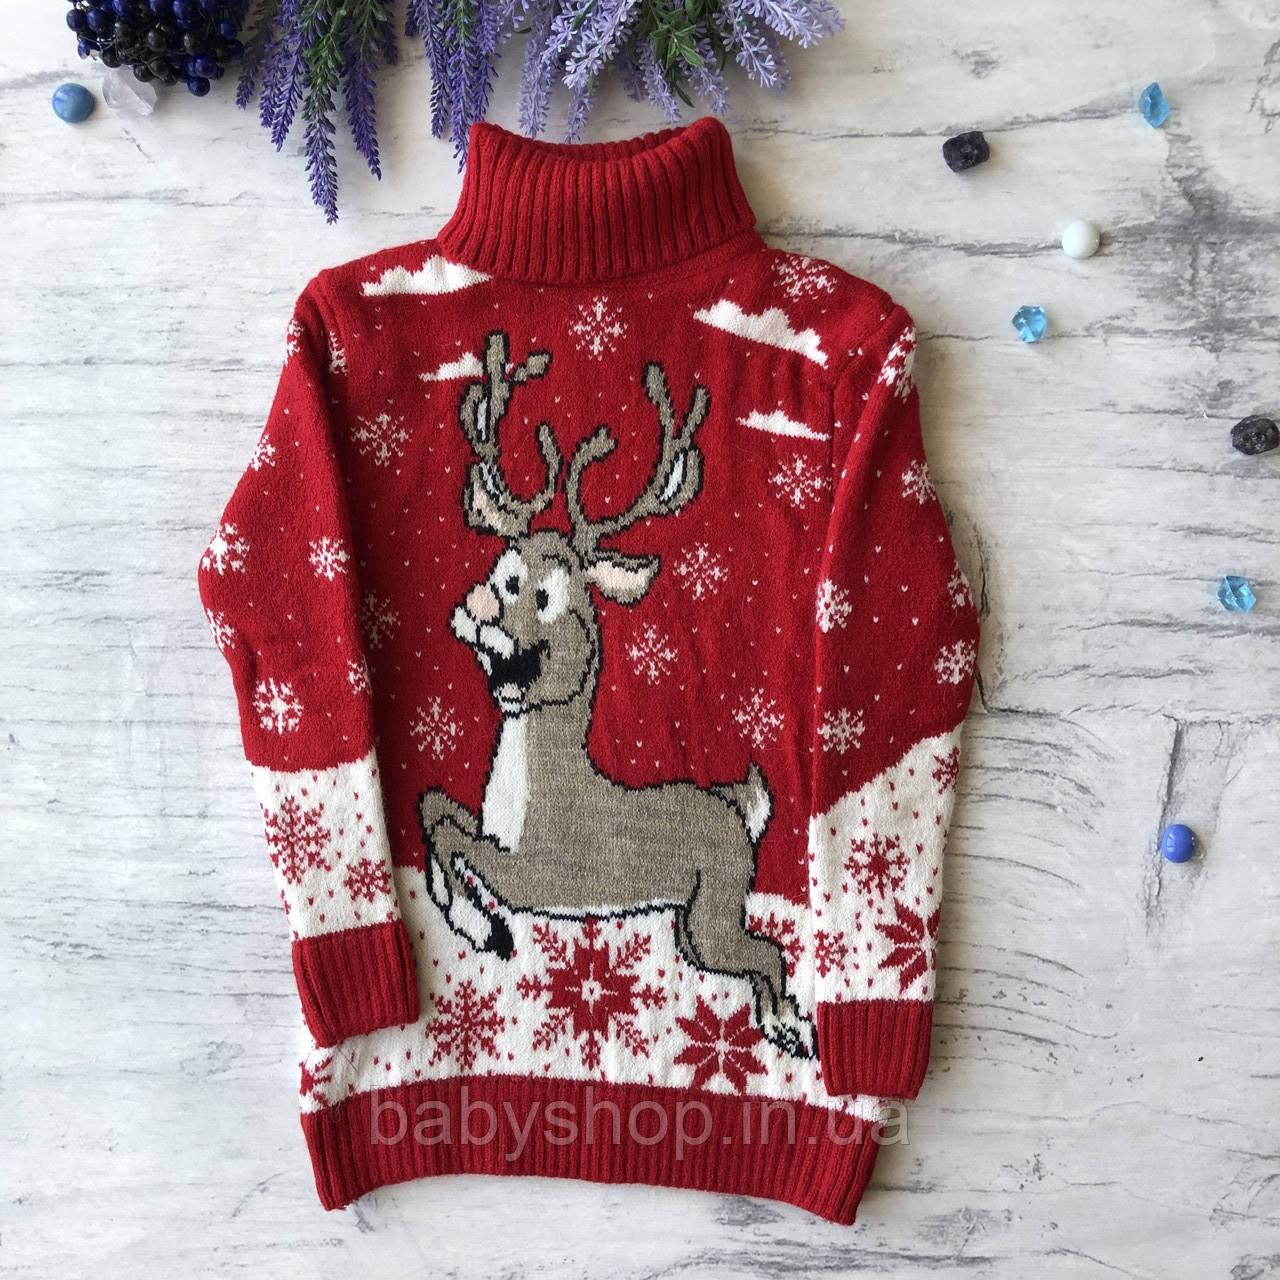 Теплый новогодний свитер на мальчика и девочку 19. Размер 6 лет, 8 лет, 12 лет